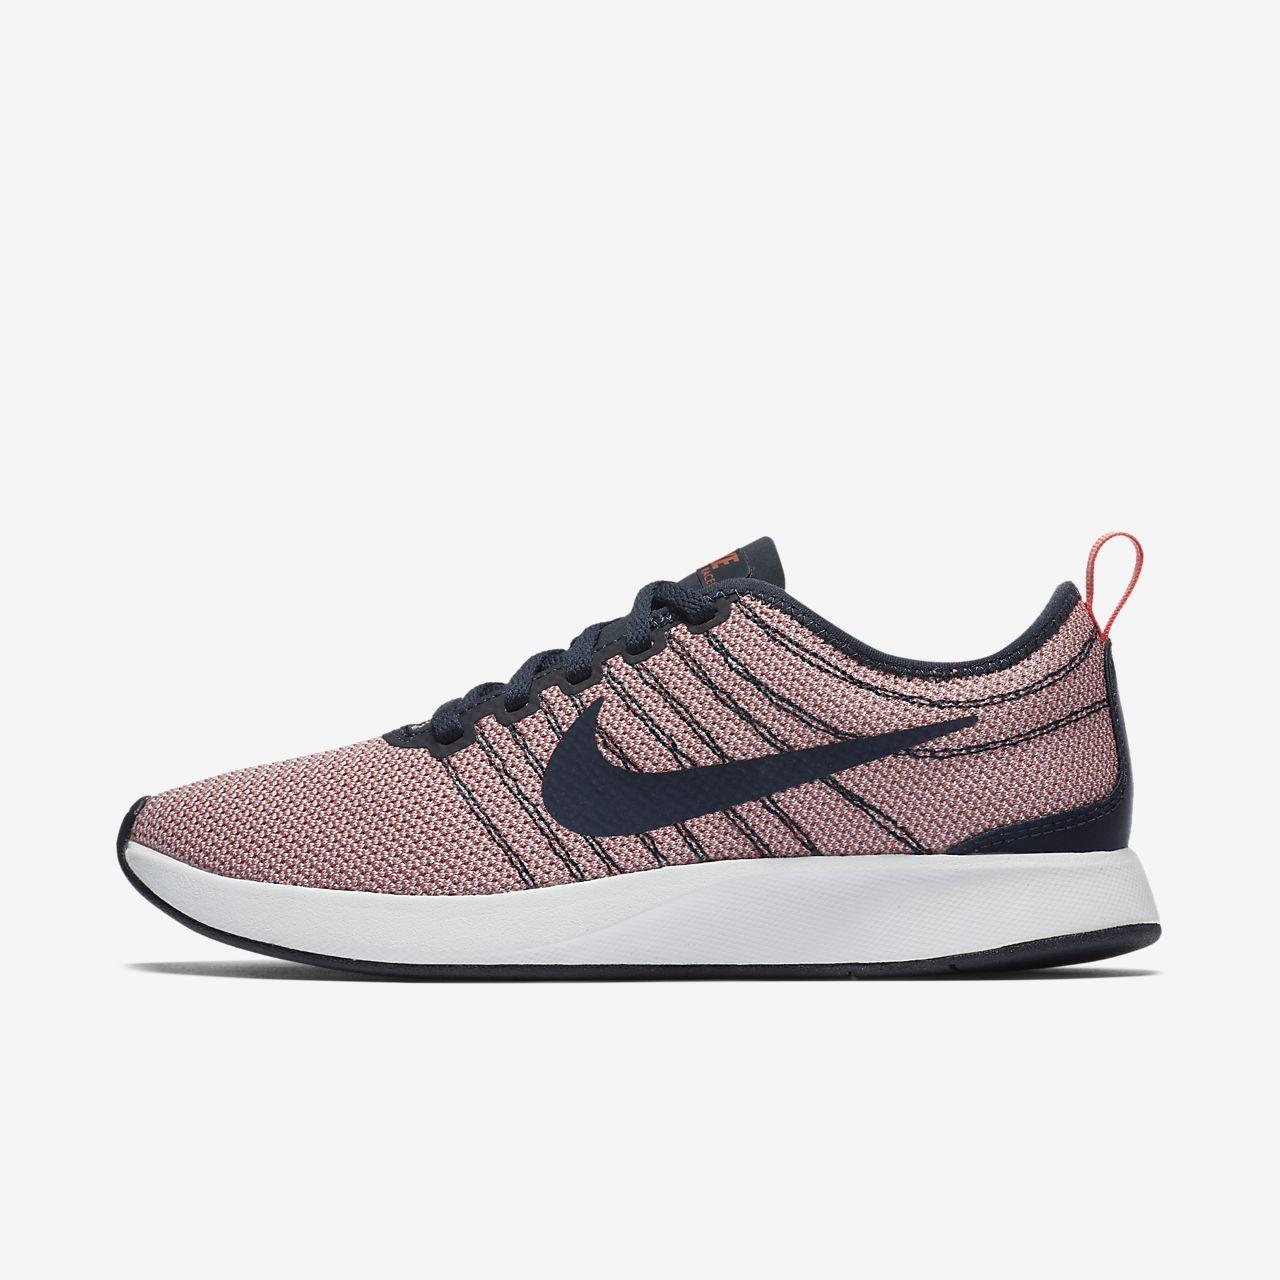 Precio extremadamente barato Venta 100% garantizada en línea Zapatos grises Nike Racer para mujer Elija un mejor precio barato ZRJUV28KUc